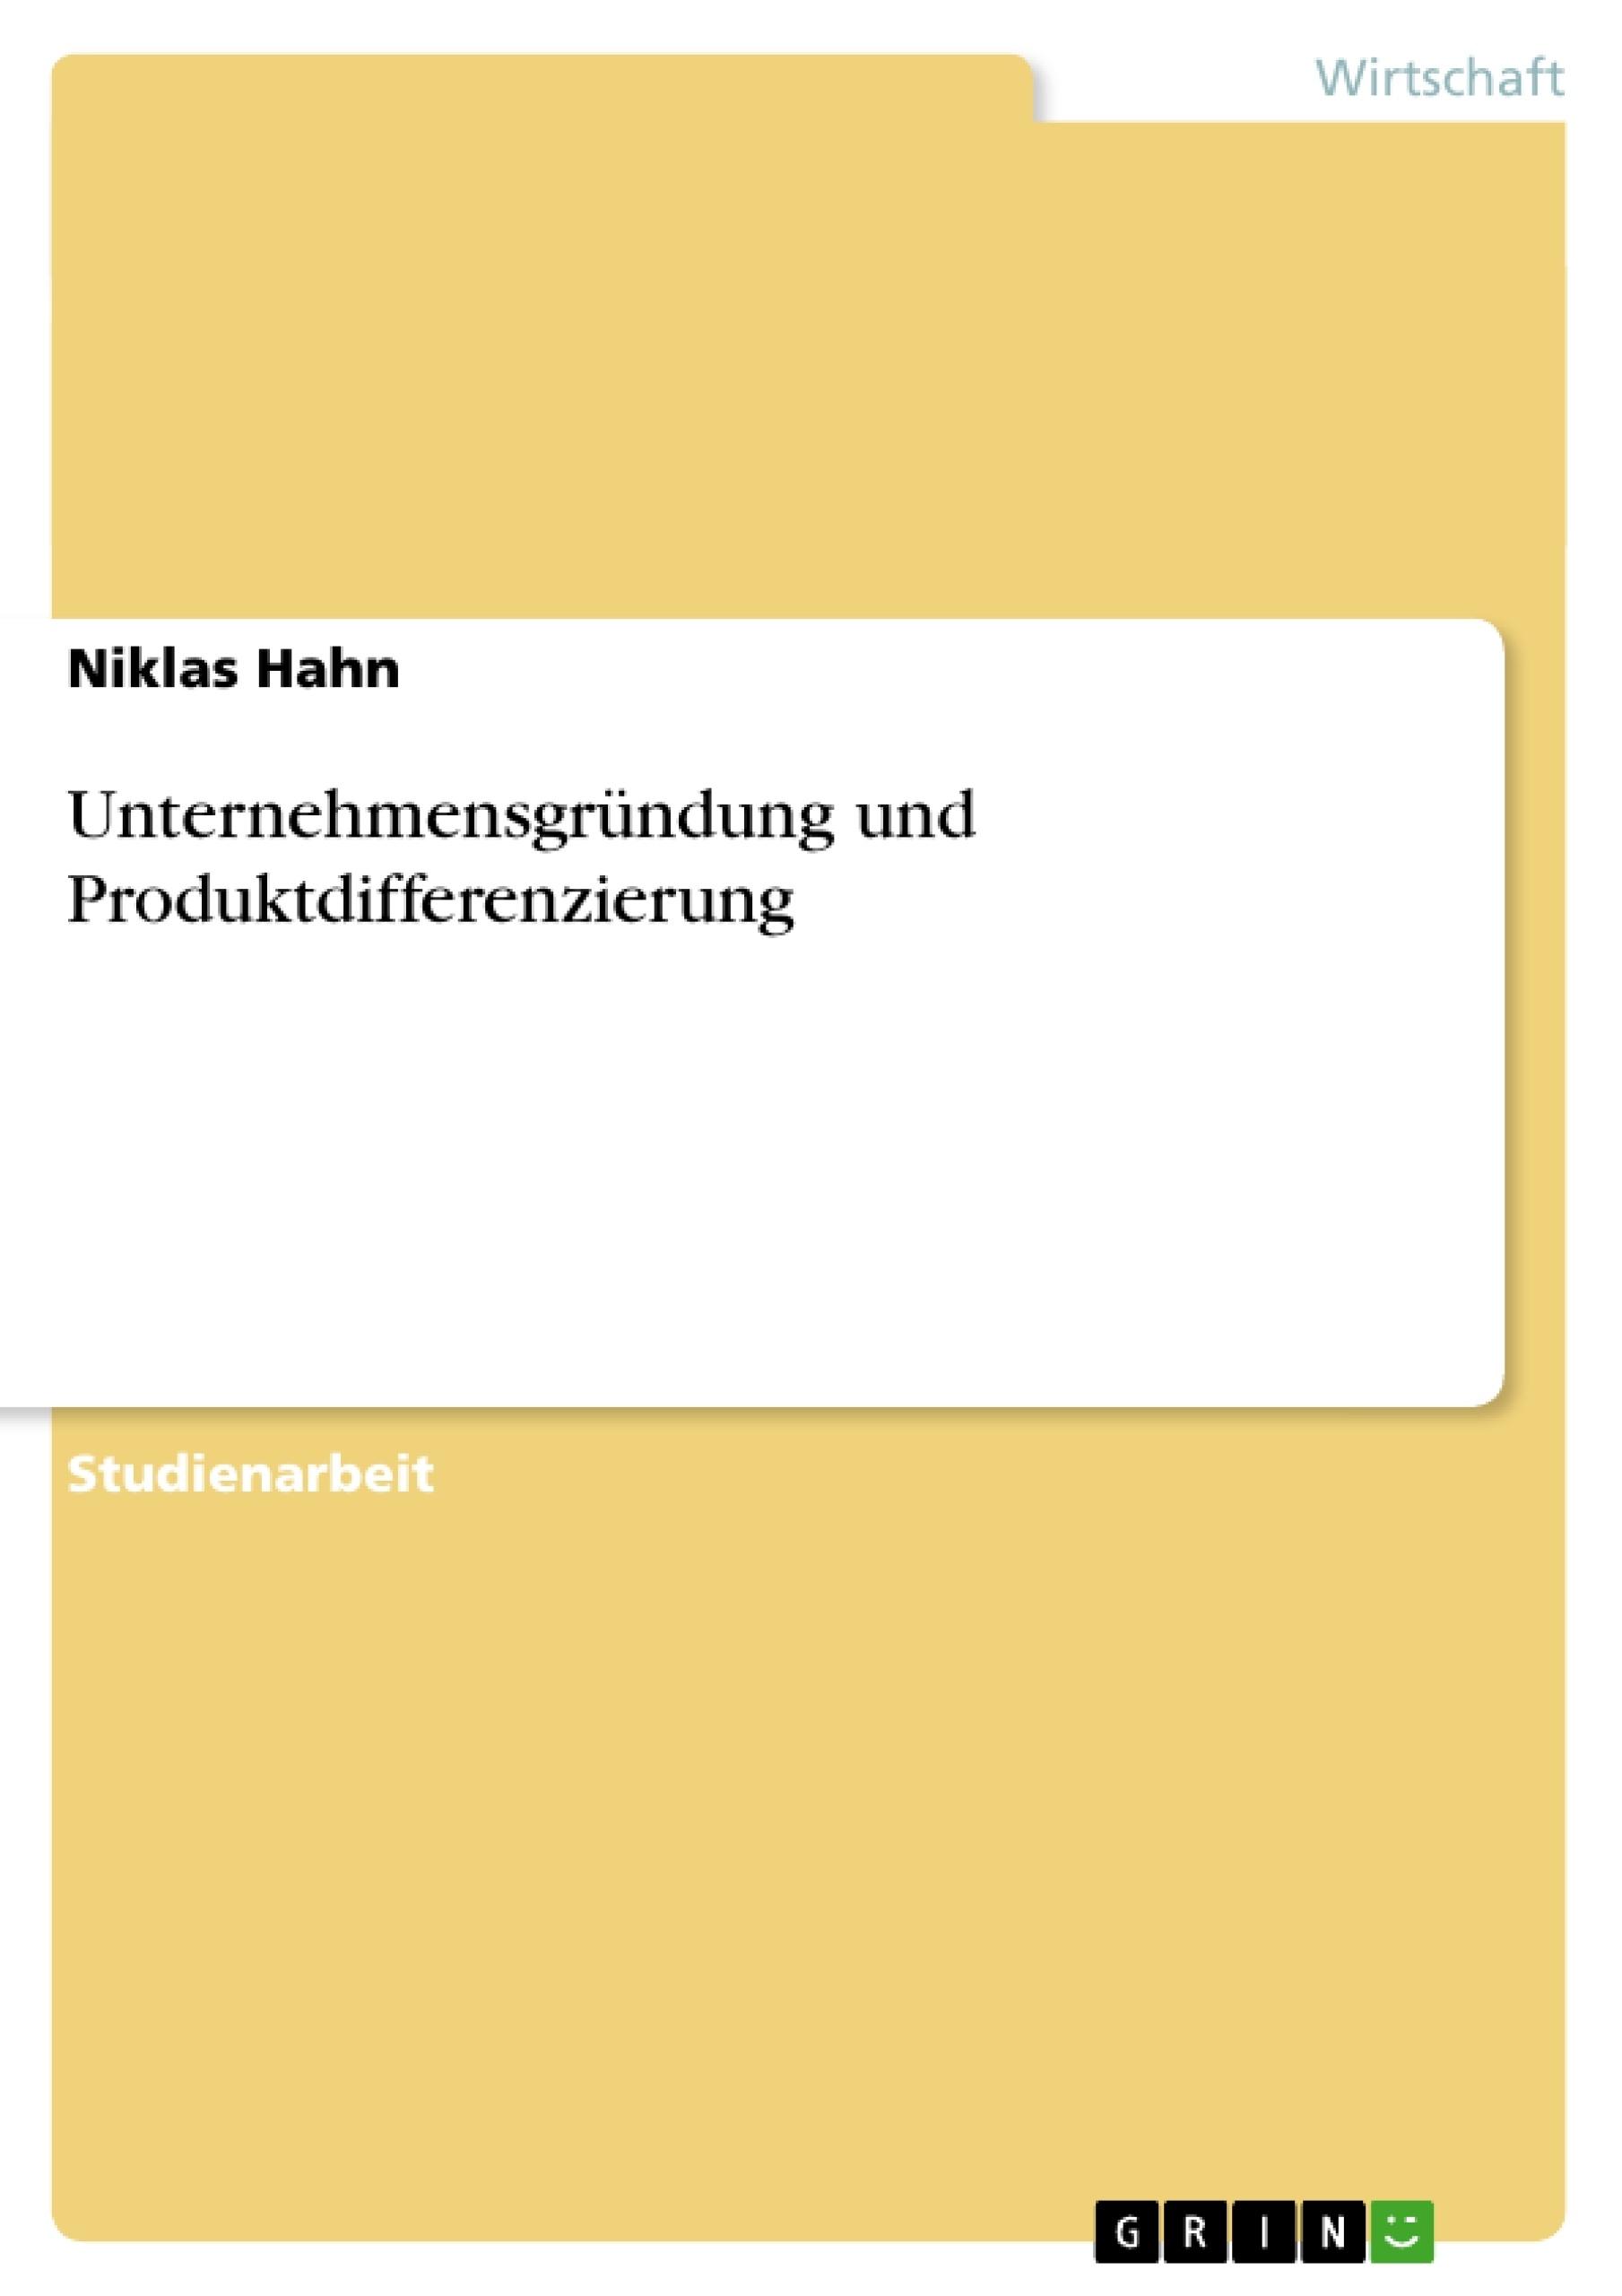 Titel: Unternehmensgründung und Produktdifferenzierung